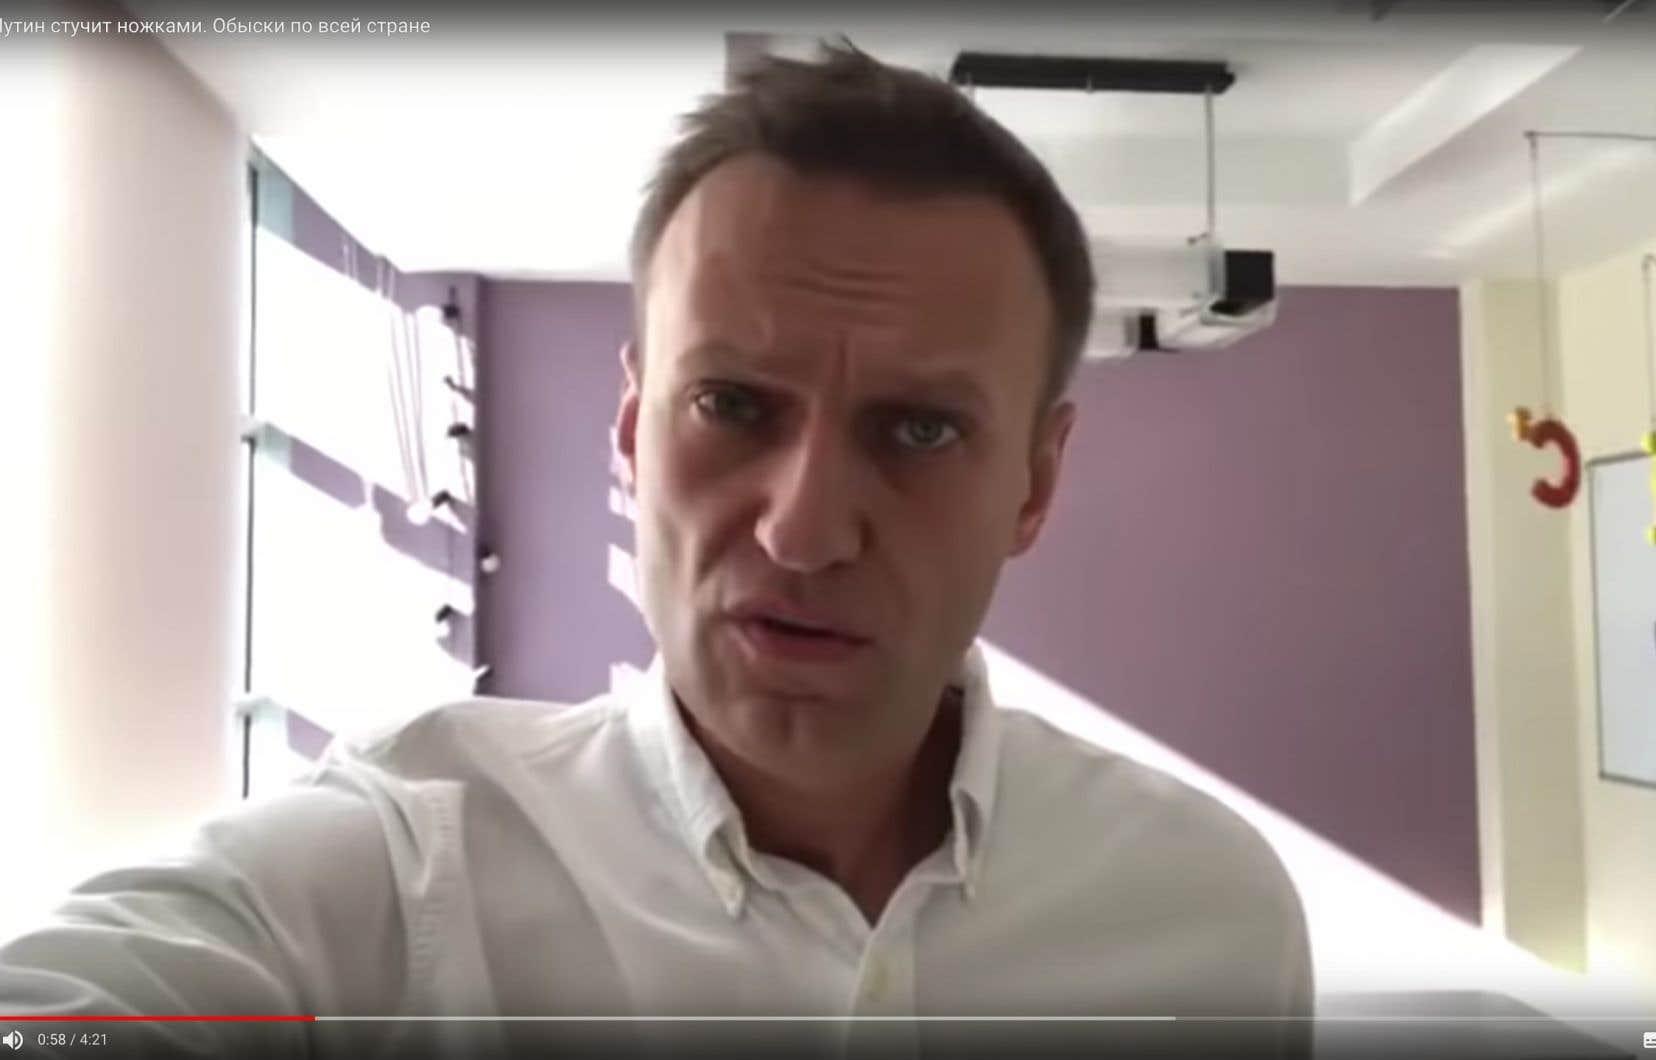 Alexeï Navalny est apparu sur YouTube, les traits tirés, dans une vidéo faite à la hâte sur son téléphone portable.